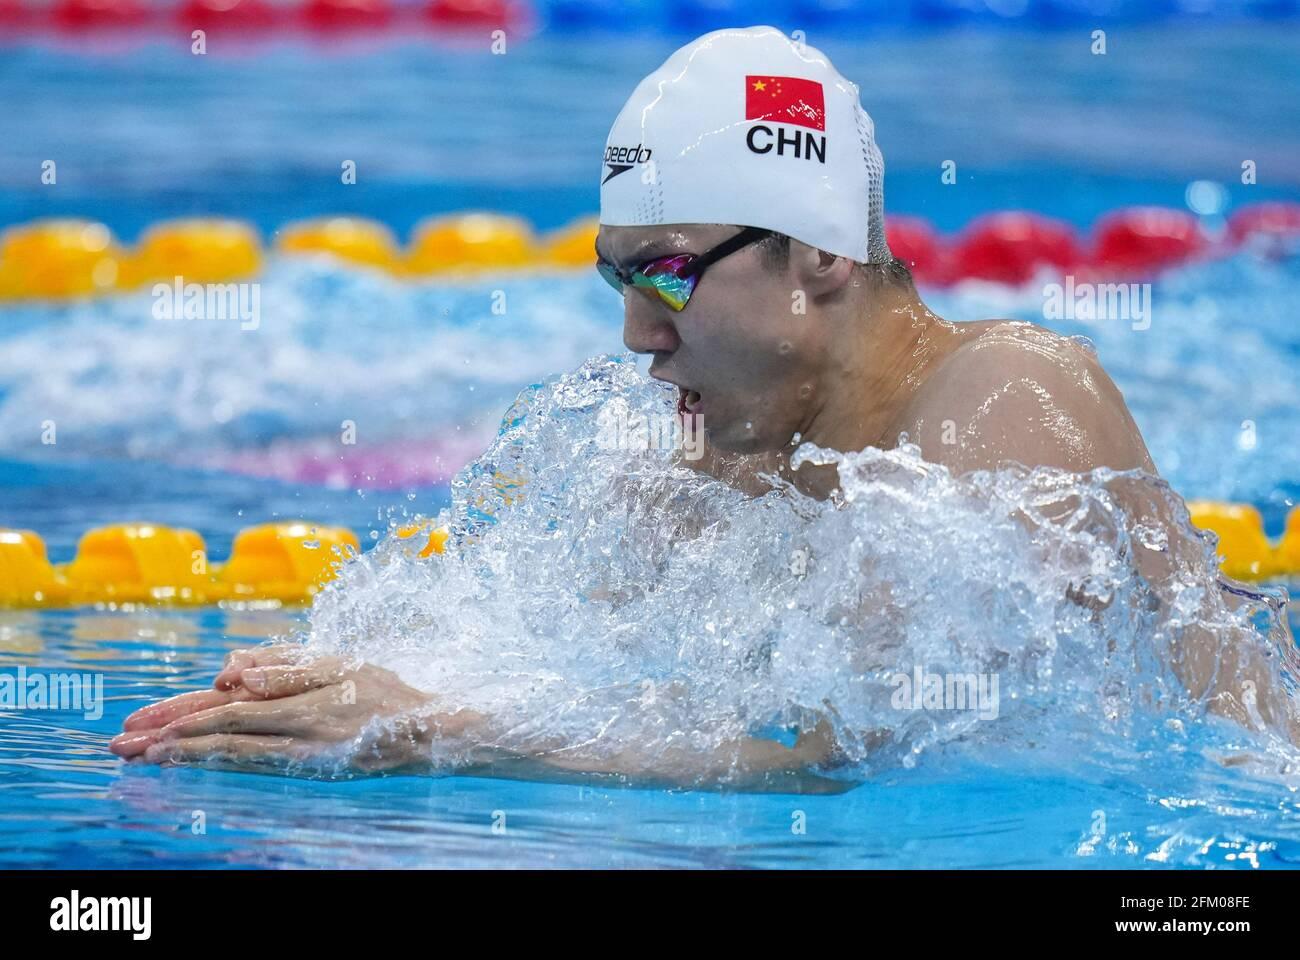 Qingdao, Chine. 5 mai 2021. Yan Zibei de Hubei participe à la finale masculine de 200m de brasse aux Championnats nationaux chinois de natation 2021 à Qingdao, en Chine orientale, le 5 mai 2021. Credit: Xu Chang/Xinhua/Alay Live News Banque D'Images